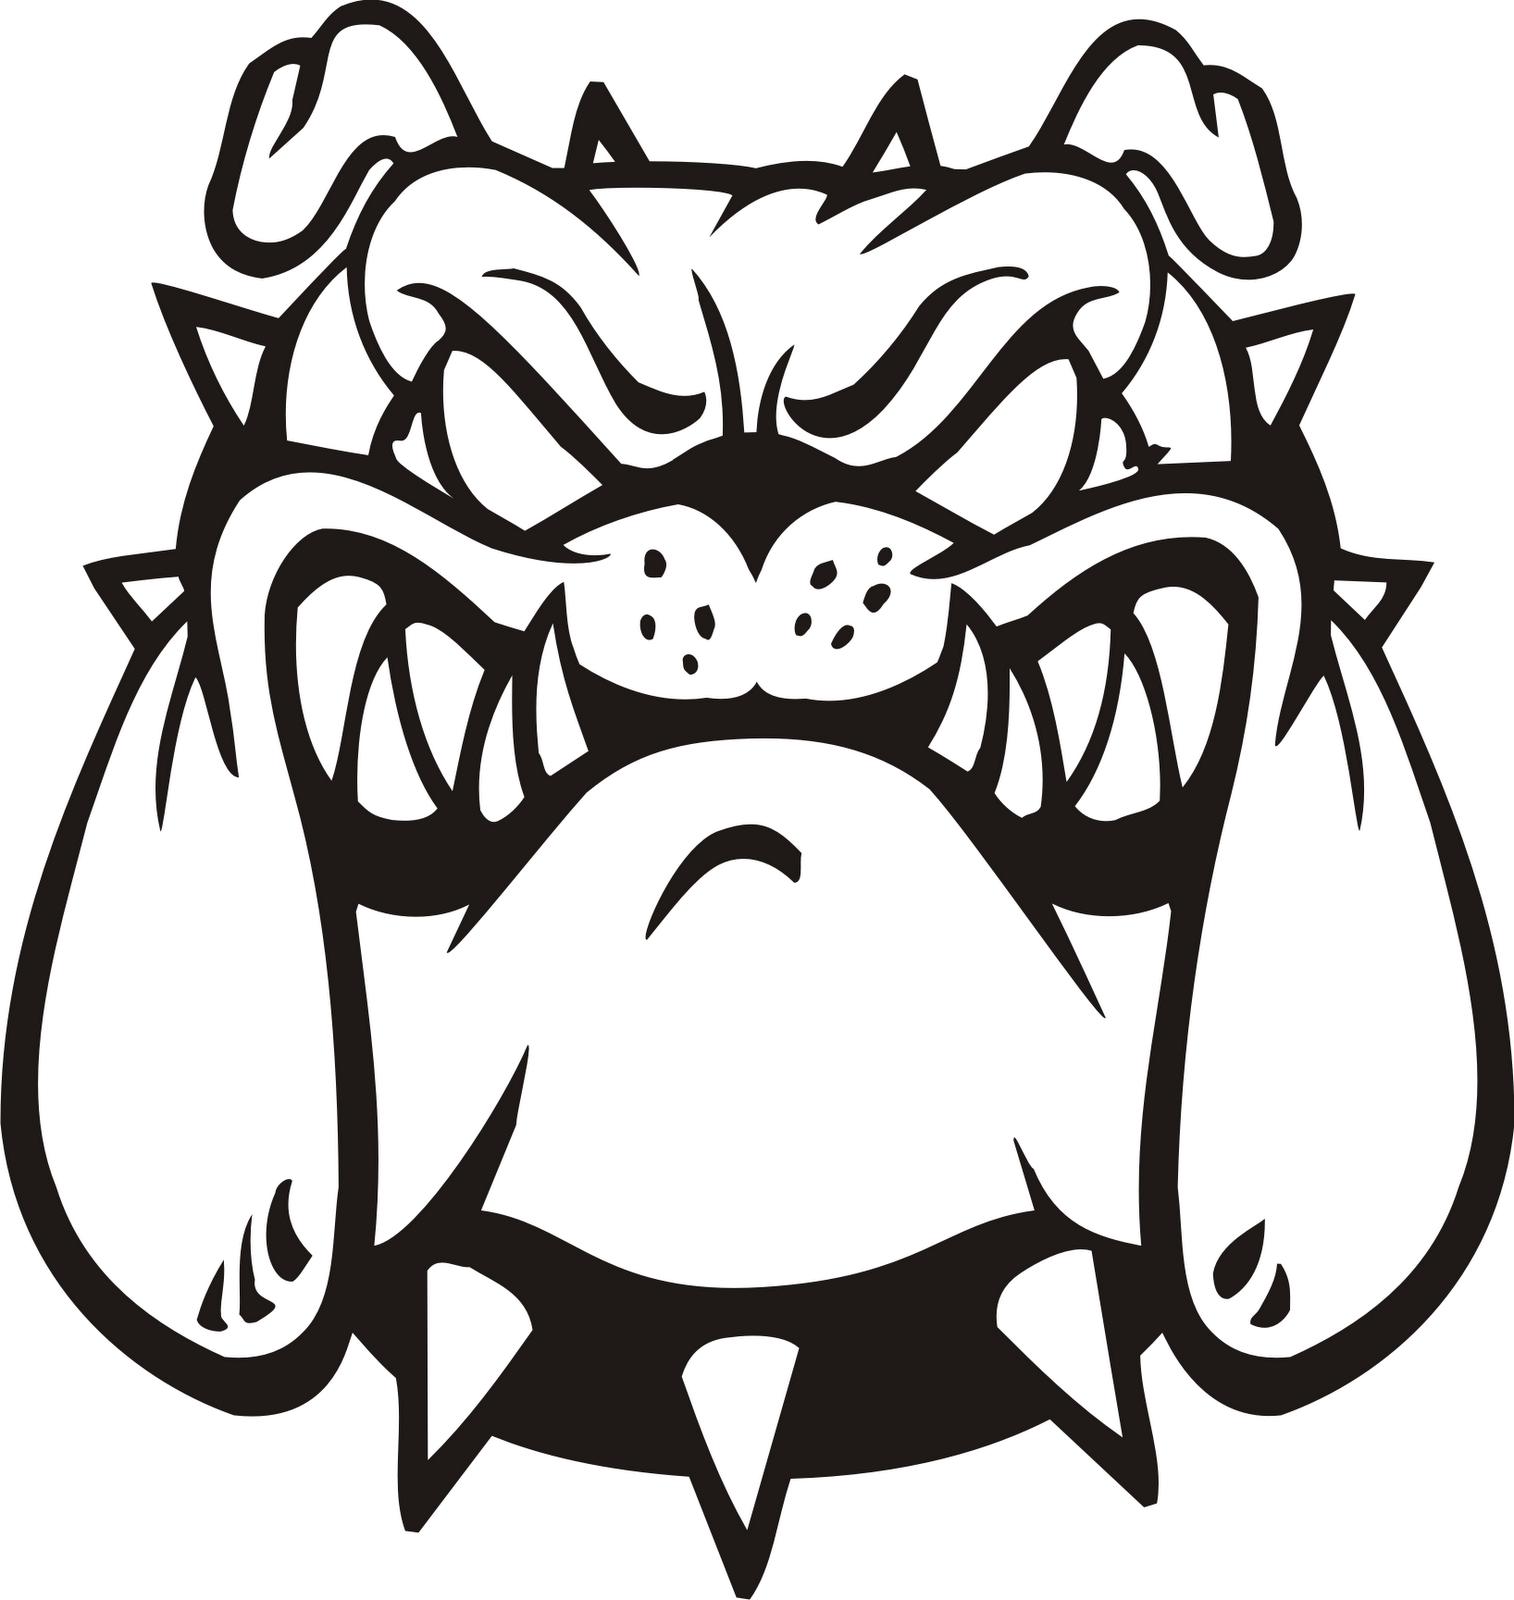 15 Mascot Vector Art Images